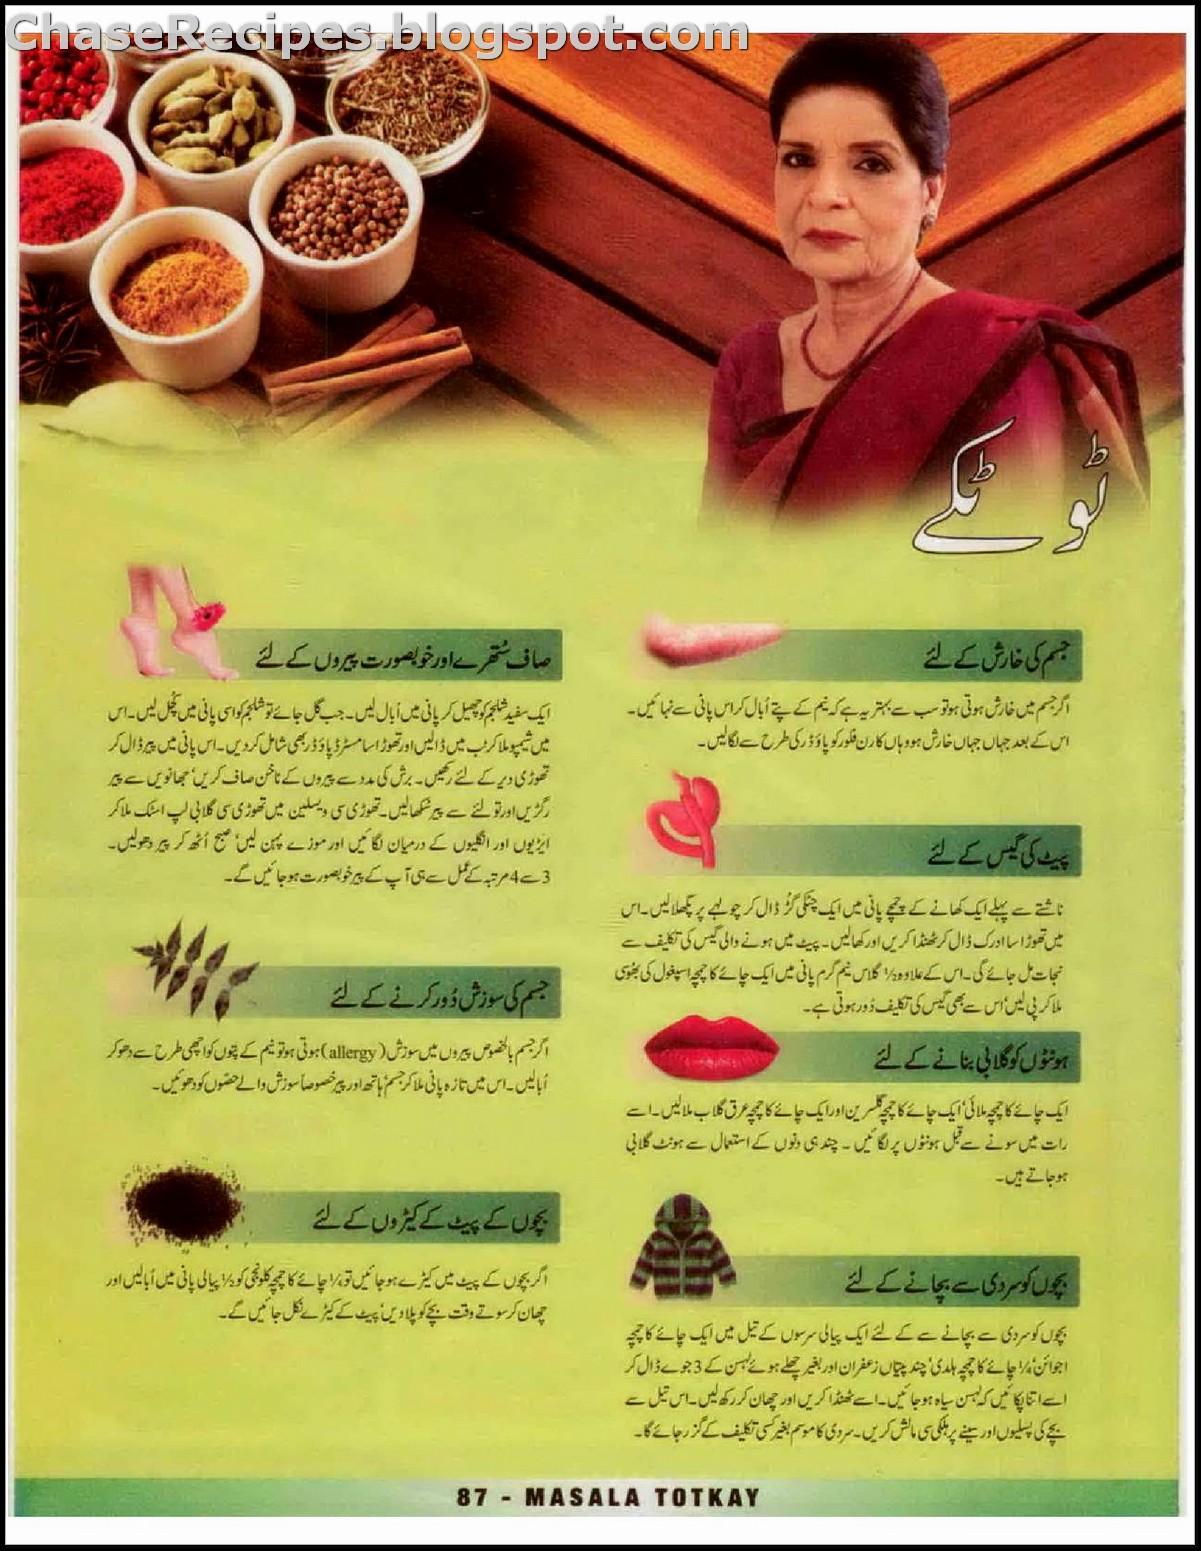 pierdere în greutate sfaturi urdu zubaida tariq